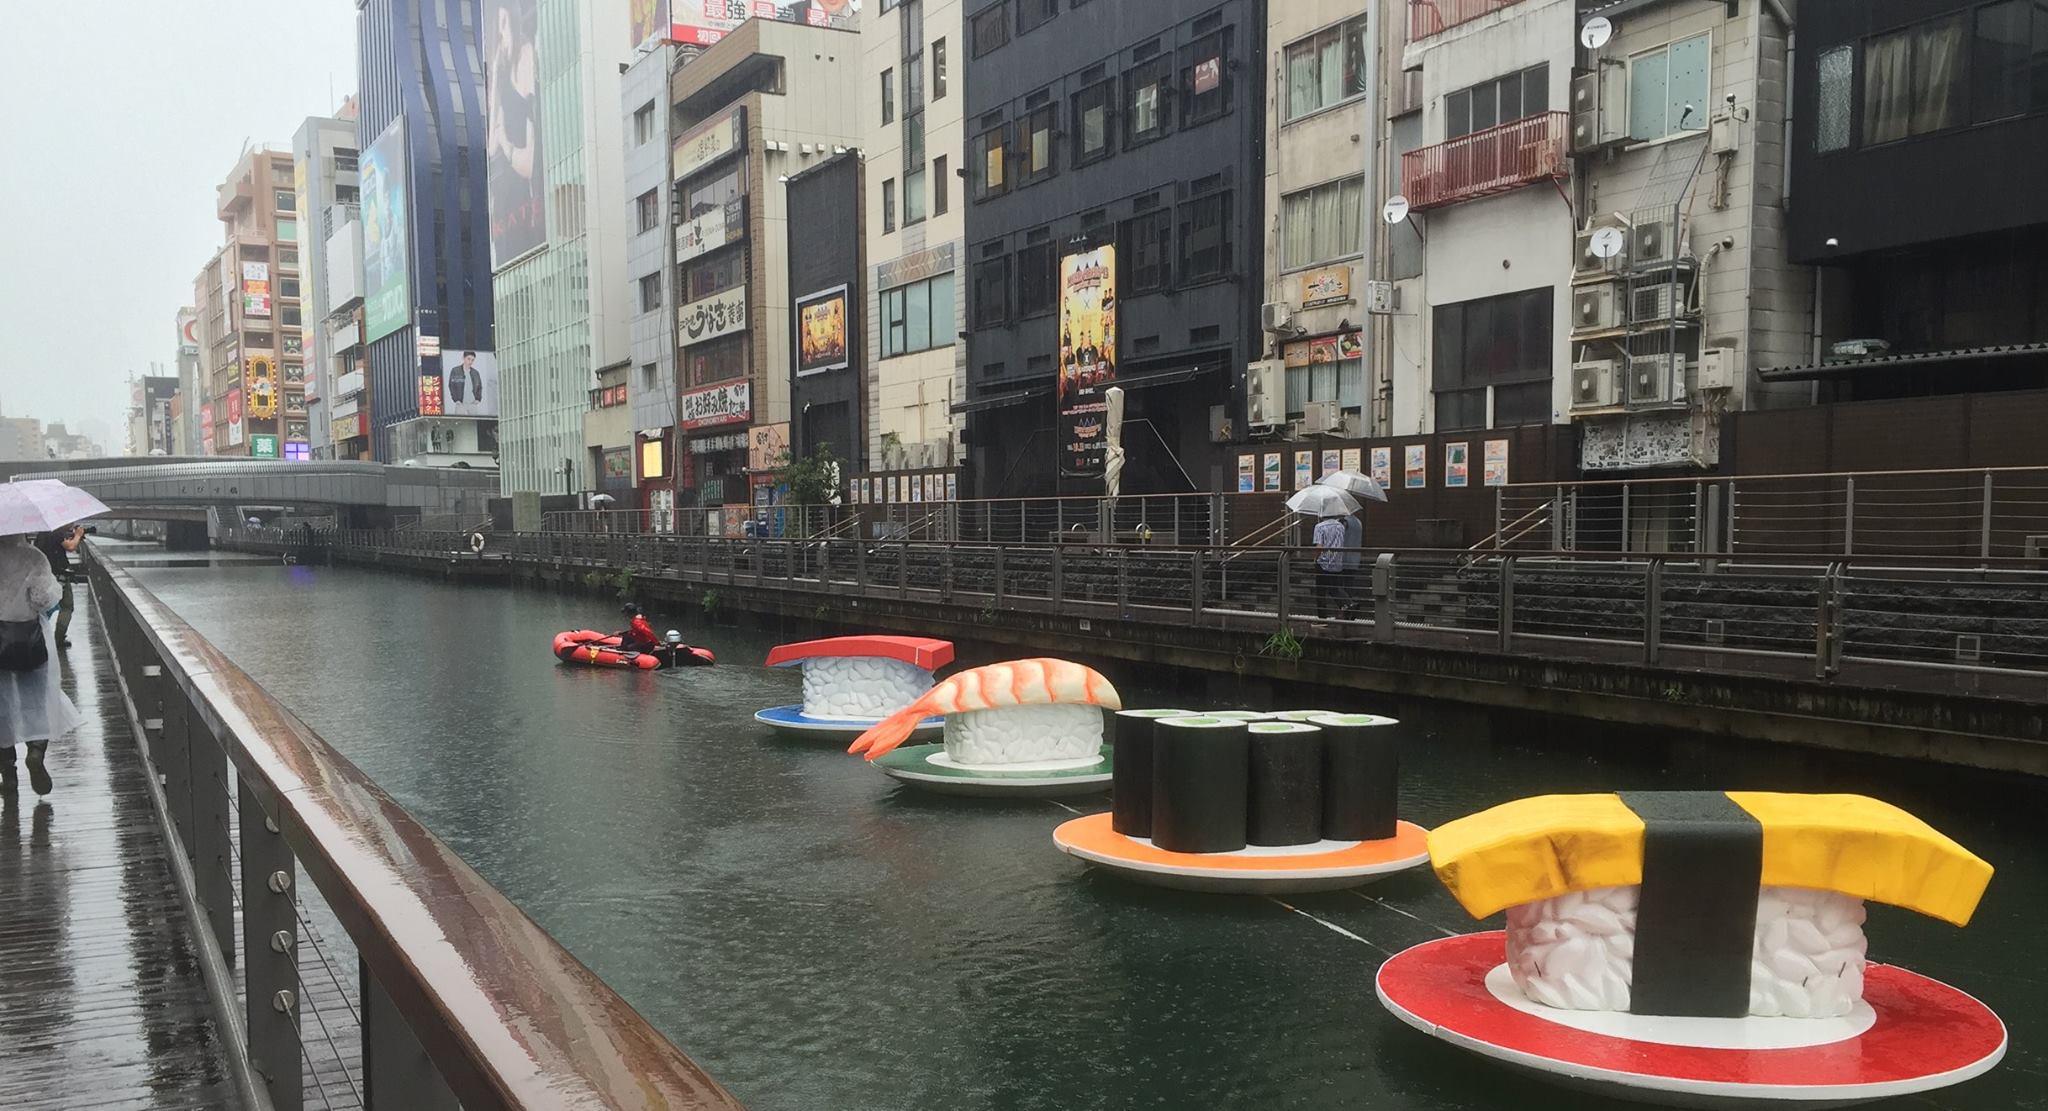 Une rivière se transforme en plateforme pour sushis géants